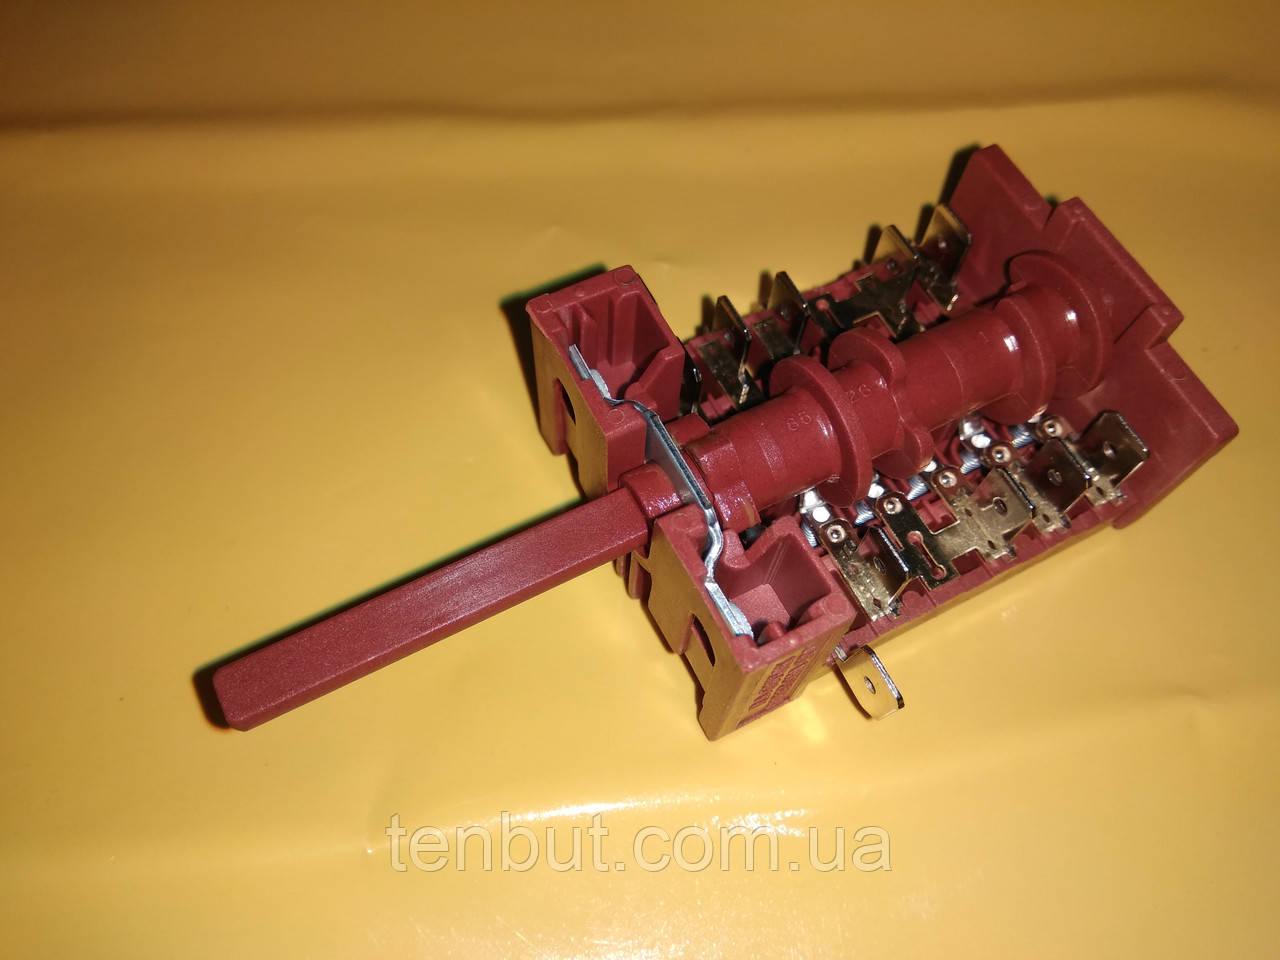 Переключатель 850617 для эл.плит Гефест / 5-ти позиционный производство Испания